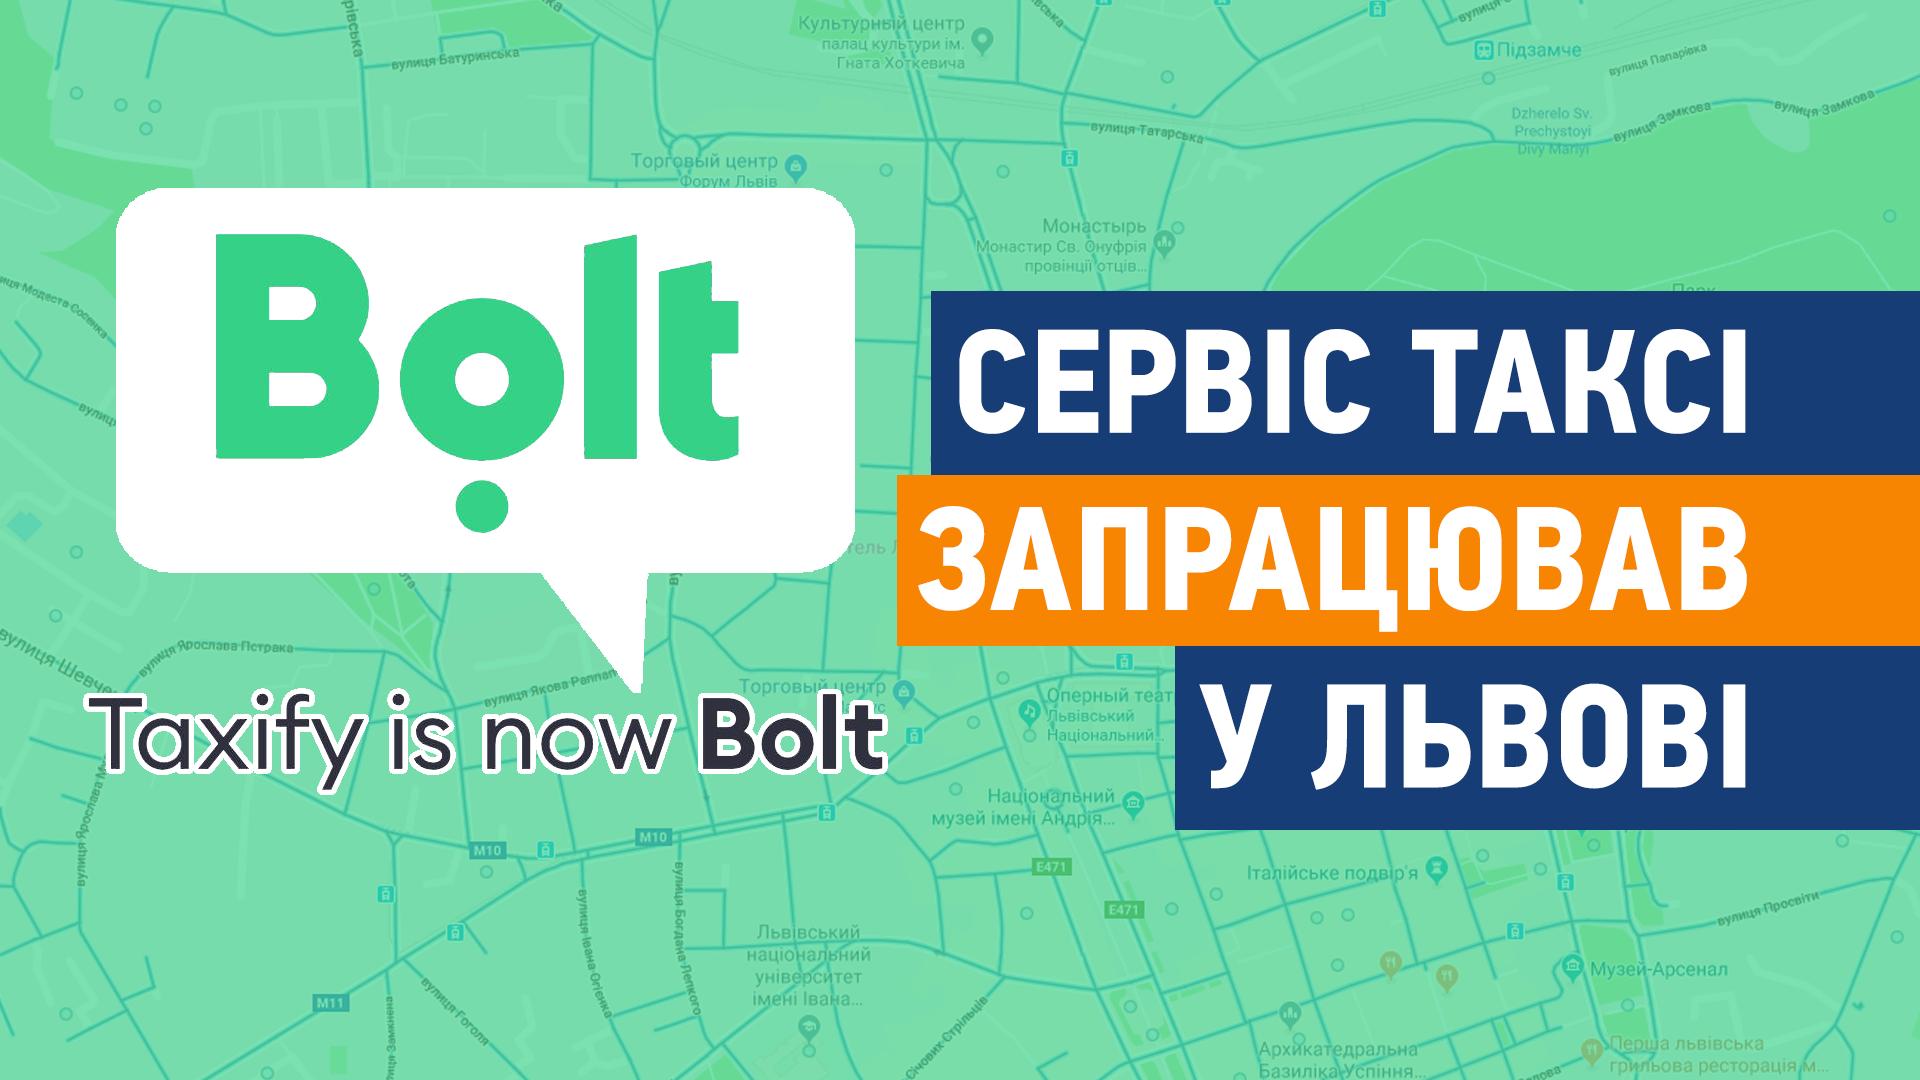 У Львові запустили сервіс замовлення таксі Bolt (Taxify)